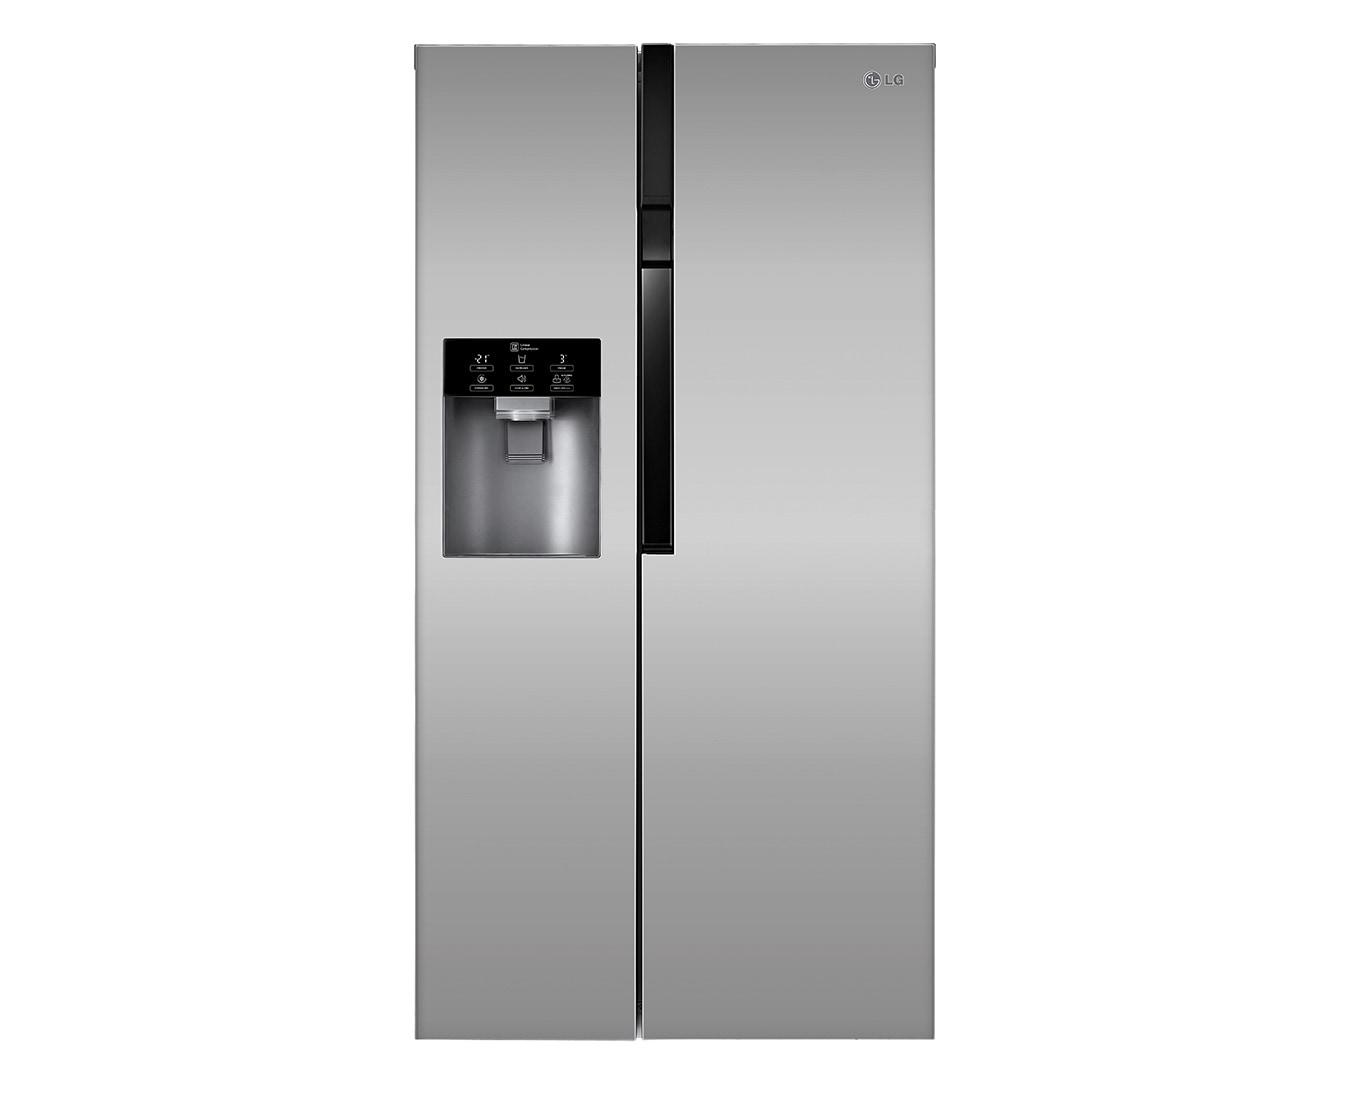 Kühlschrank Ersatzteile : Lg kühlschrank side by side ersatzteile delores curry